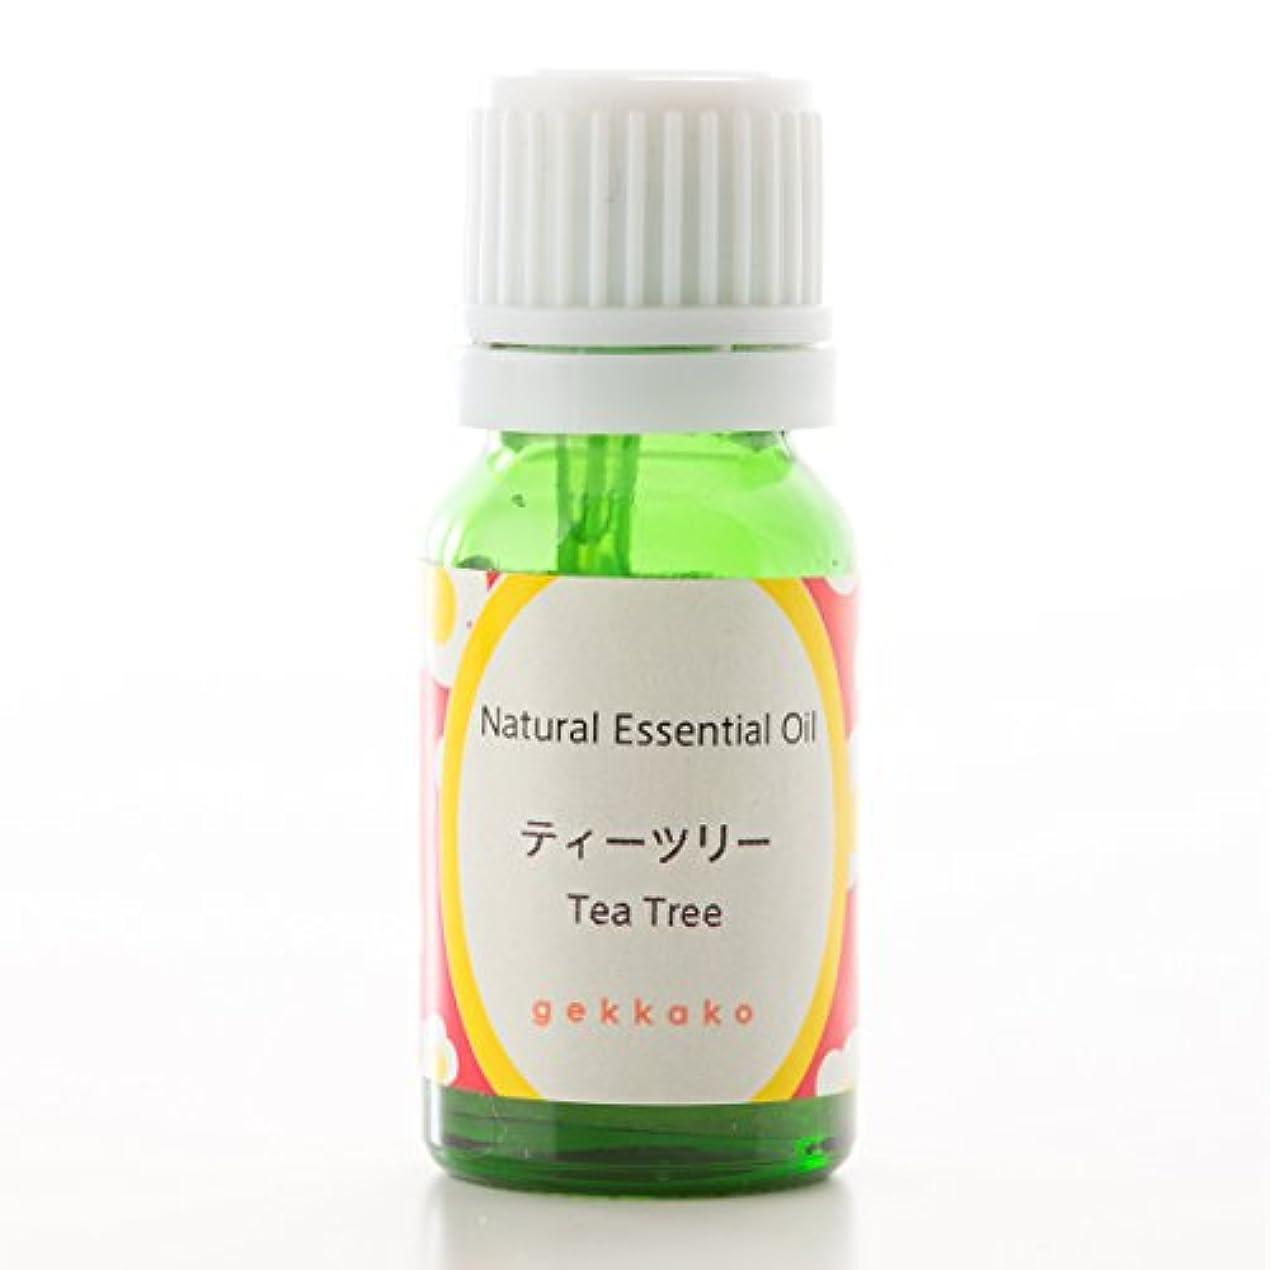 吸収剤カウンタボトル<月下香>エッセンシャルオイル/アロマ/ティーツリー【5ml】